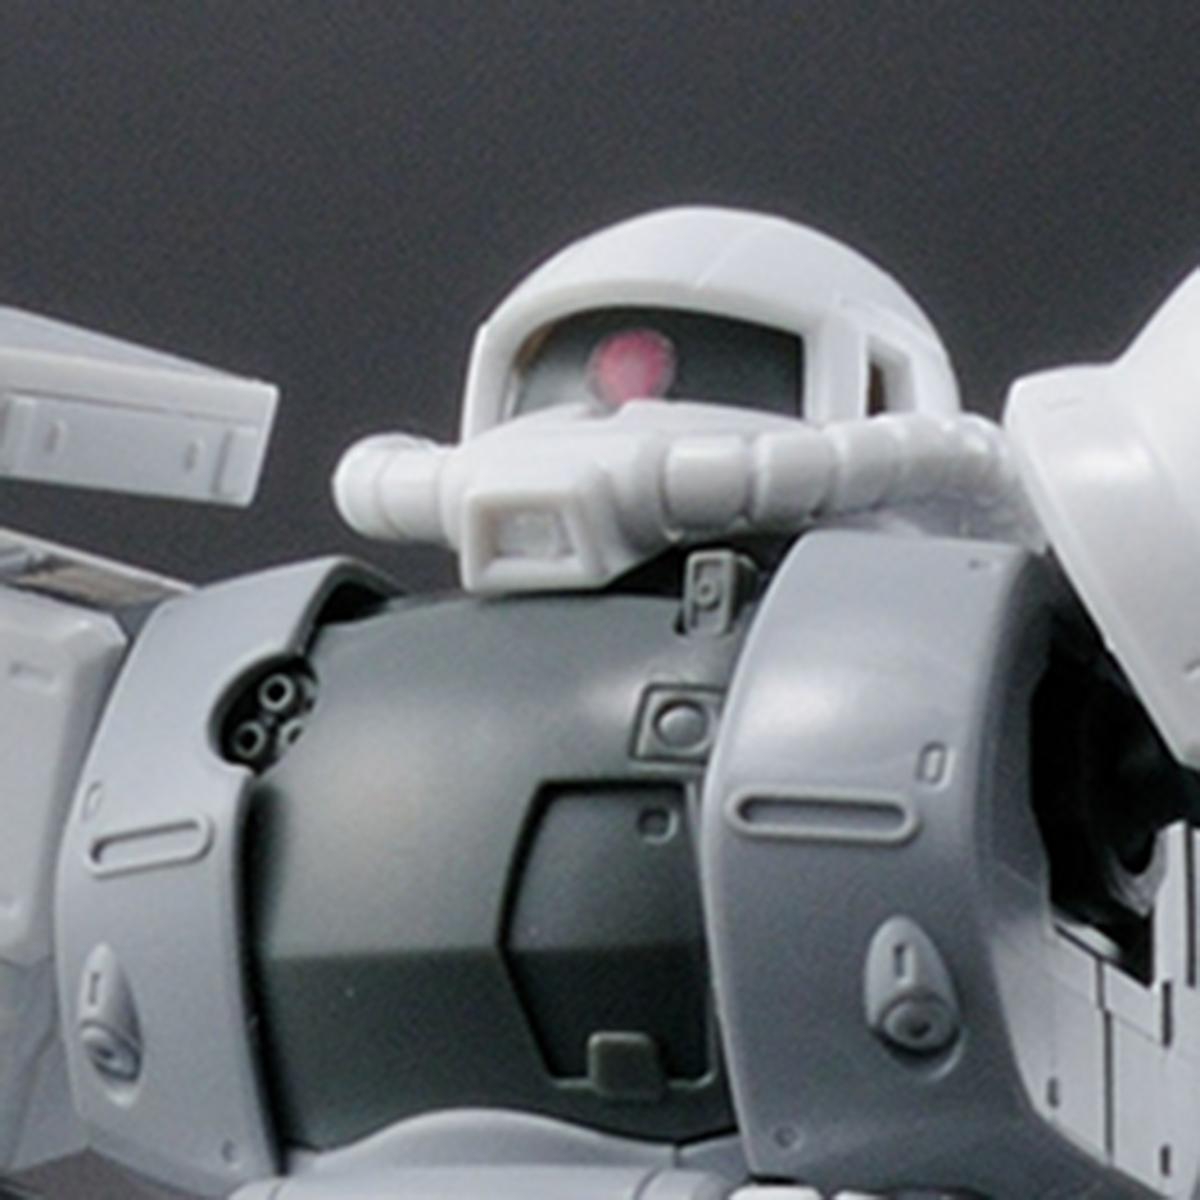 HG 1/144 ガンダムベース限定 ザクII TYPE C-6/R6 [ペインティングモデル]